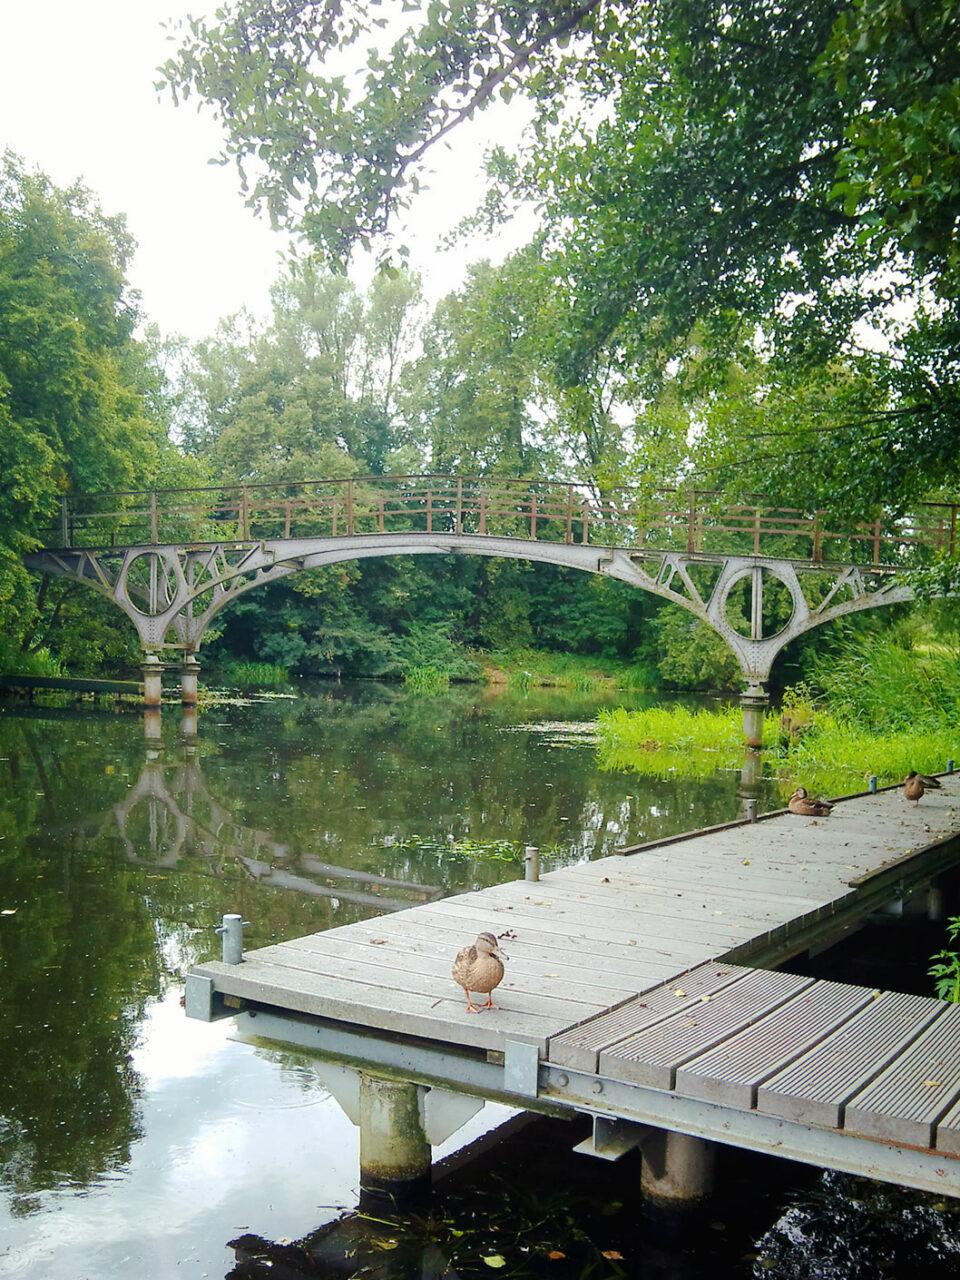 Die Teufelsbrücke am Finow-Kanal bei Eberswalde. Schaut so gar nicht teuflisch aus. Schon gar nicht mit Ente…